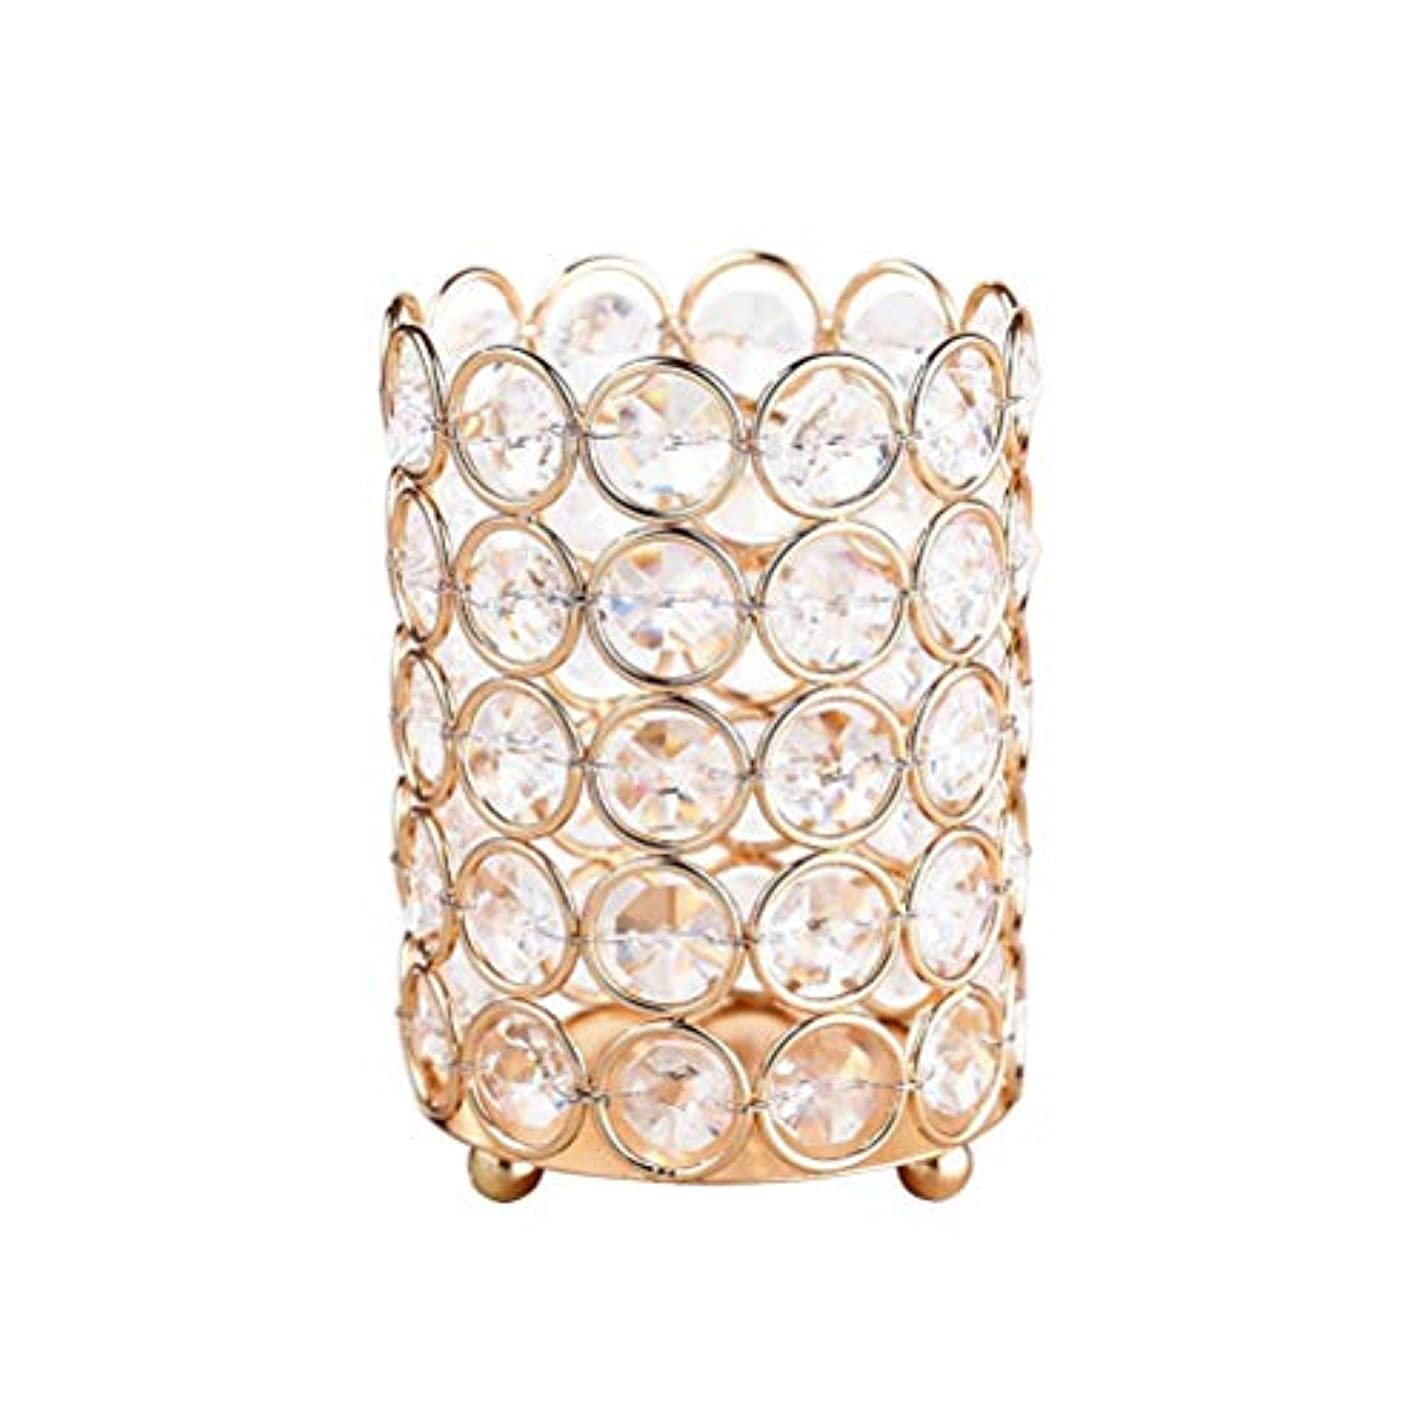 TOPBATHY ガラスキャンドルホルダーラインストーンの装飾ブラシホルダー化粧オーガナイザーキャンドルスタンド家の装飾結婚式パーティーテーブルセンターピース(ゴールド)8×7.5 CM